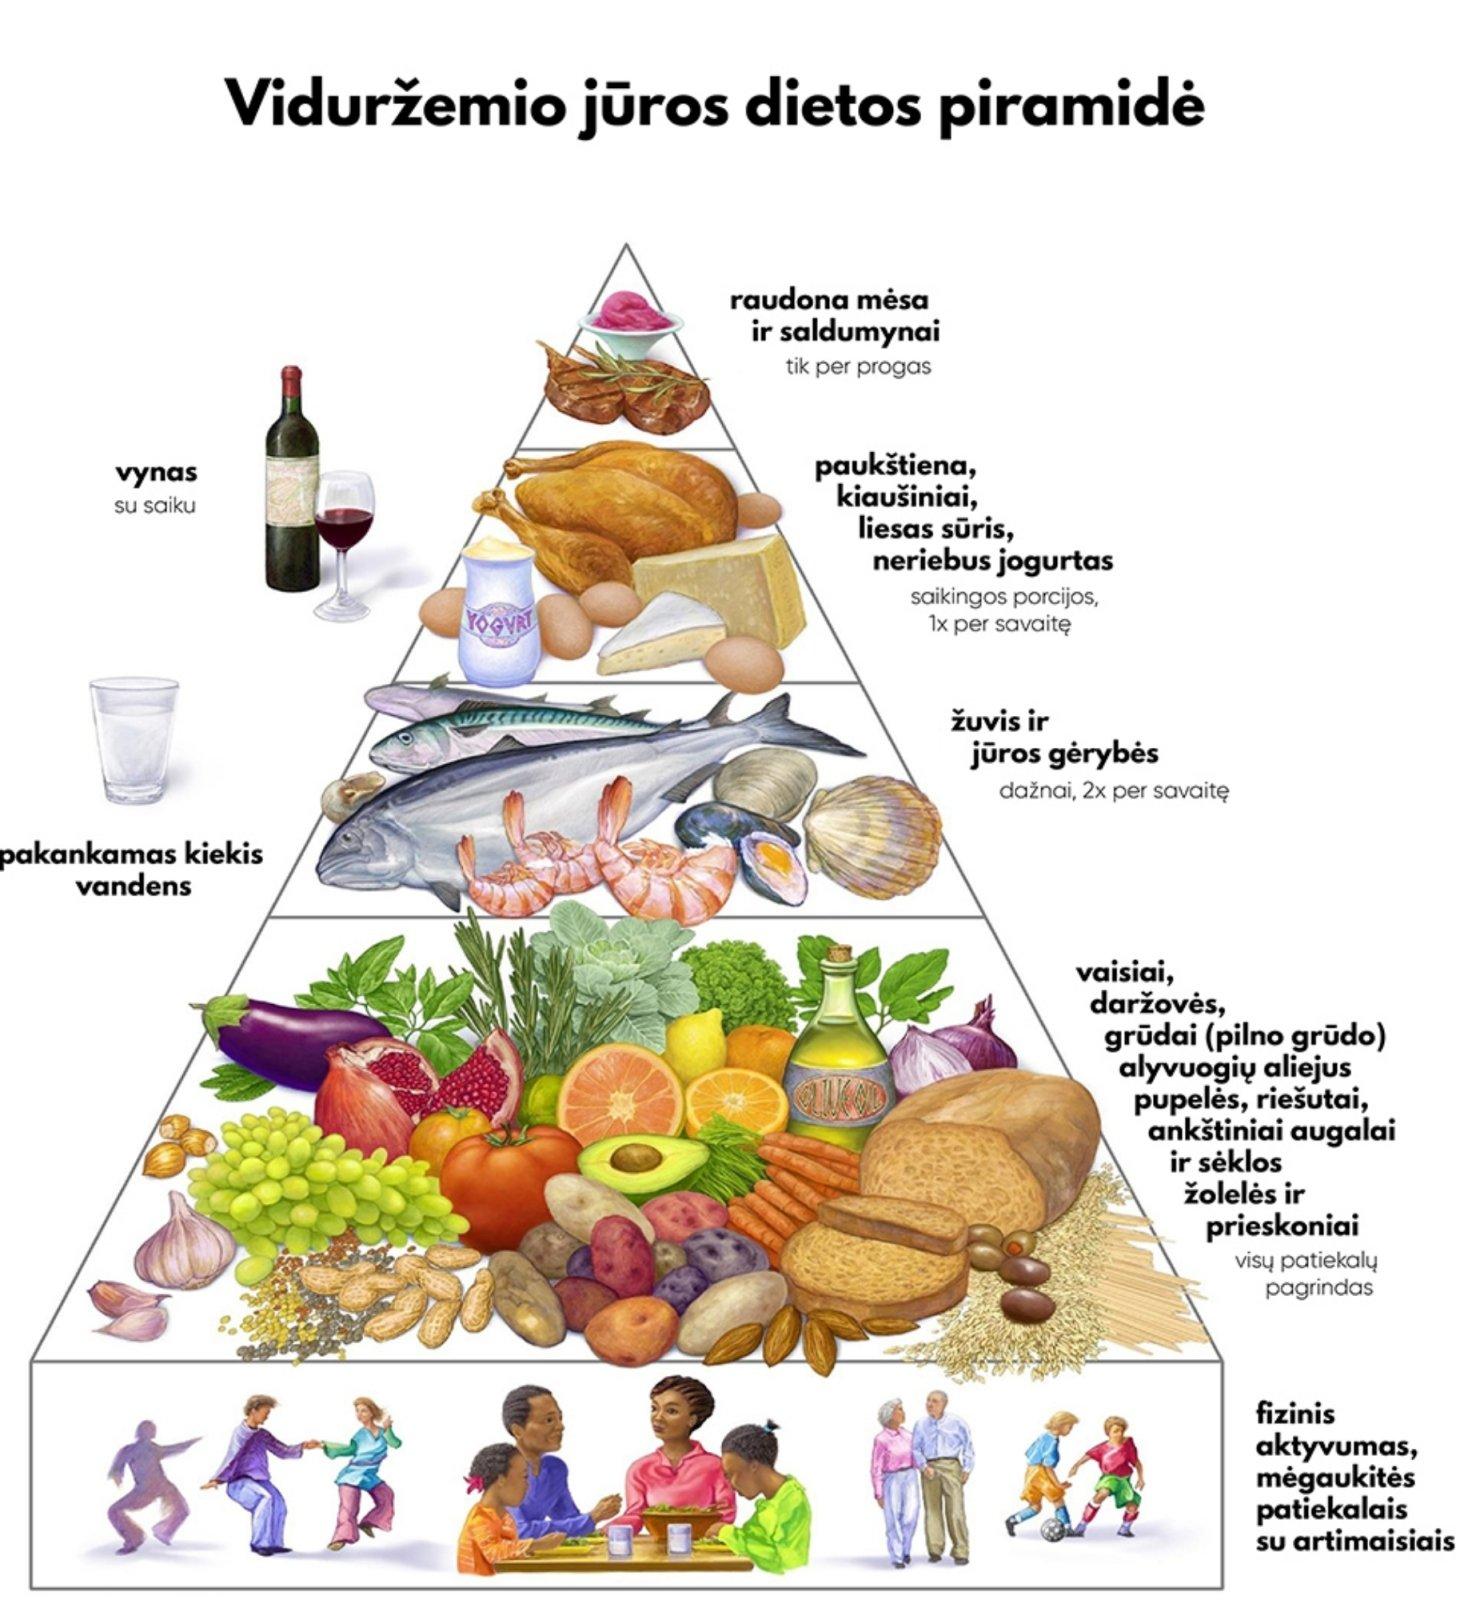 hipertenzija ir didelis cholesterolio kiekis bei dieta